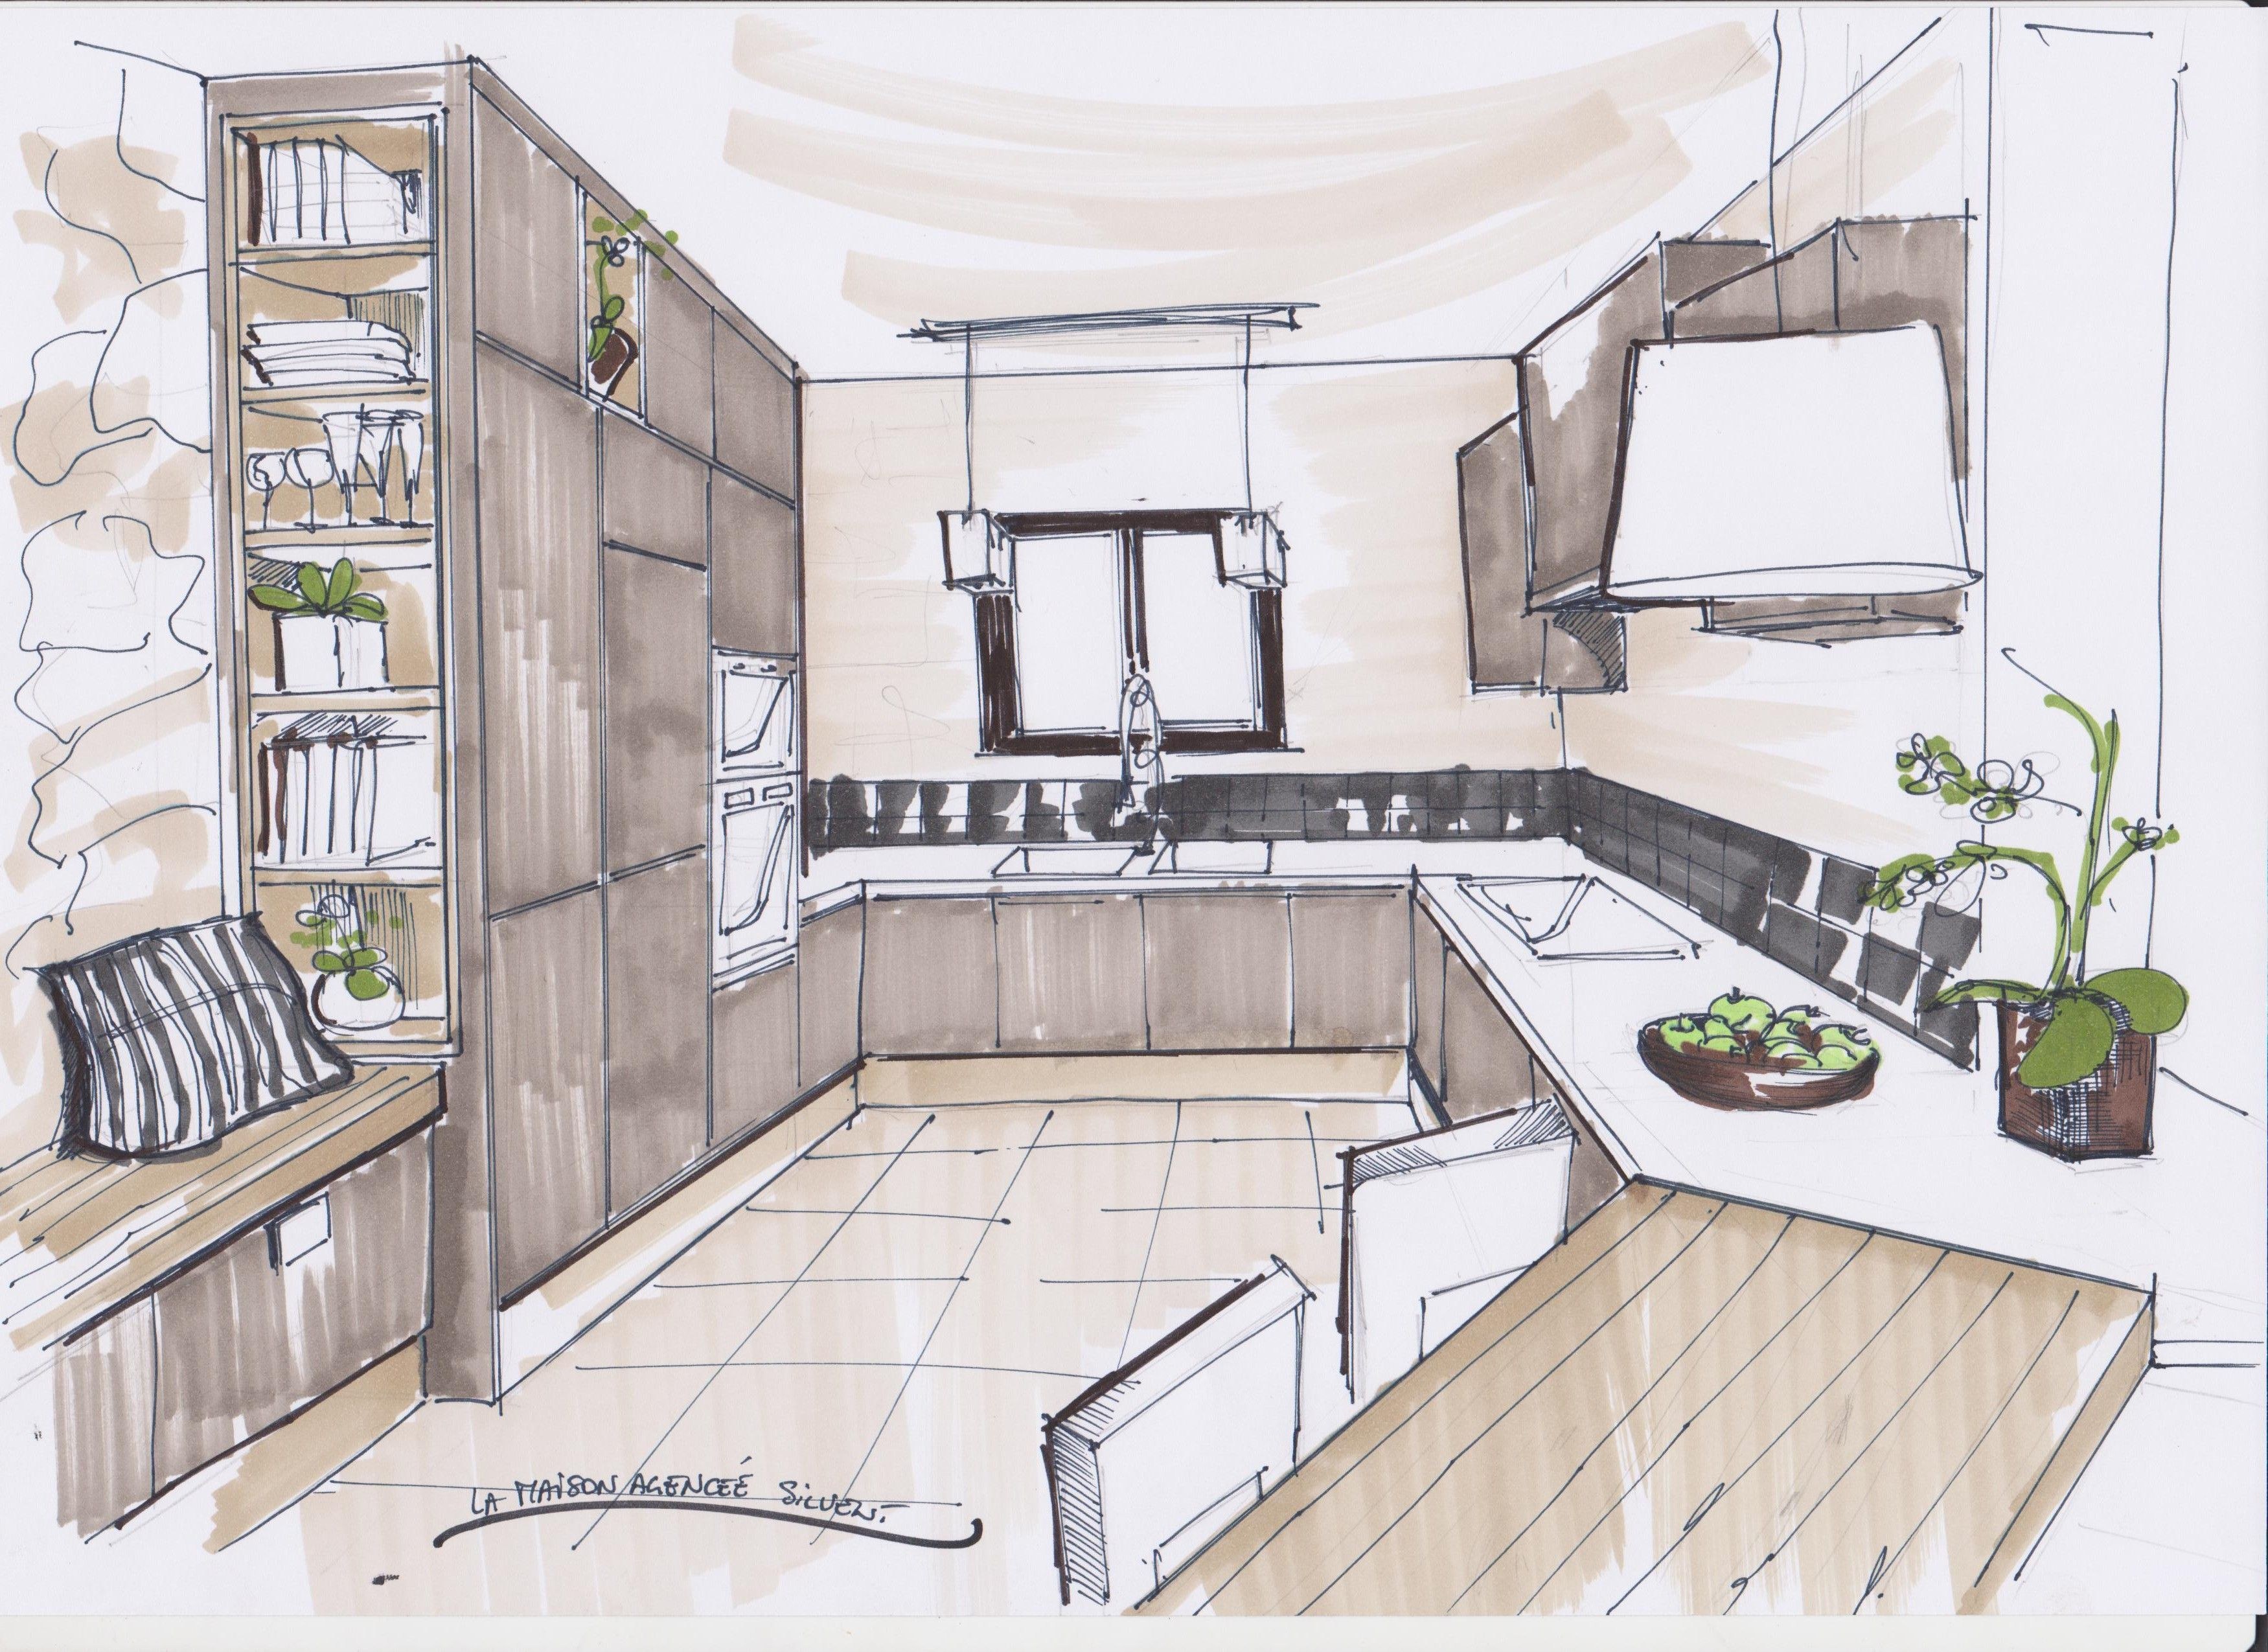 Croquis Cuisine Architecte Interieur Maison Dessin Croquis Maison